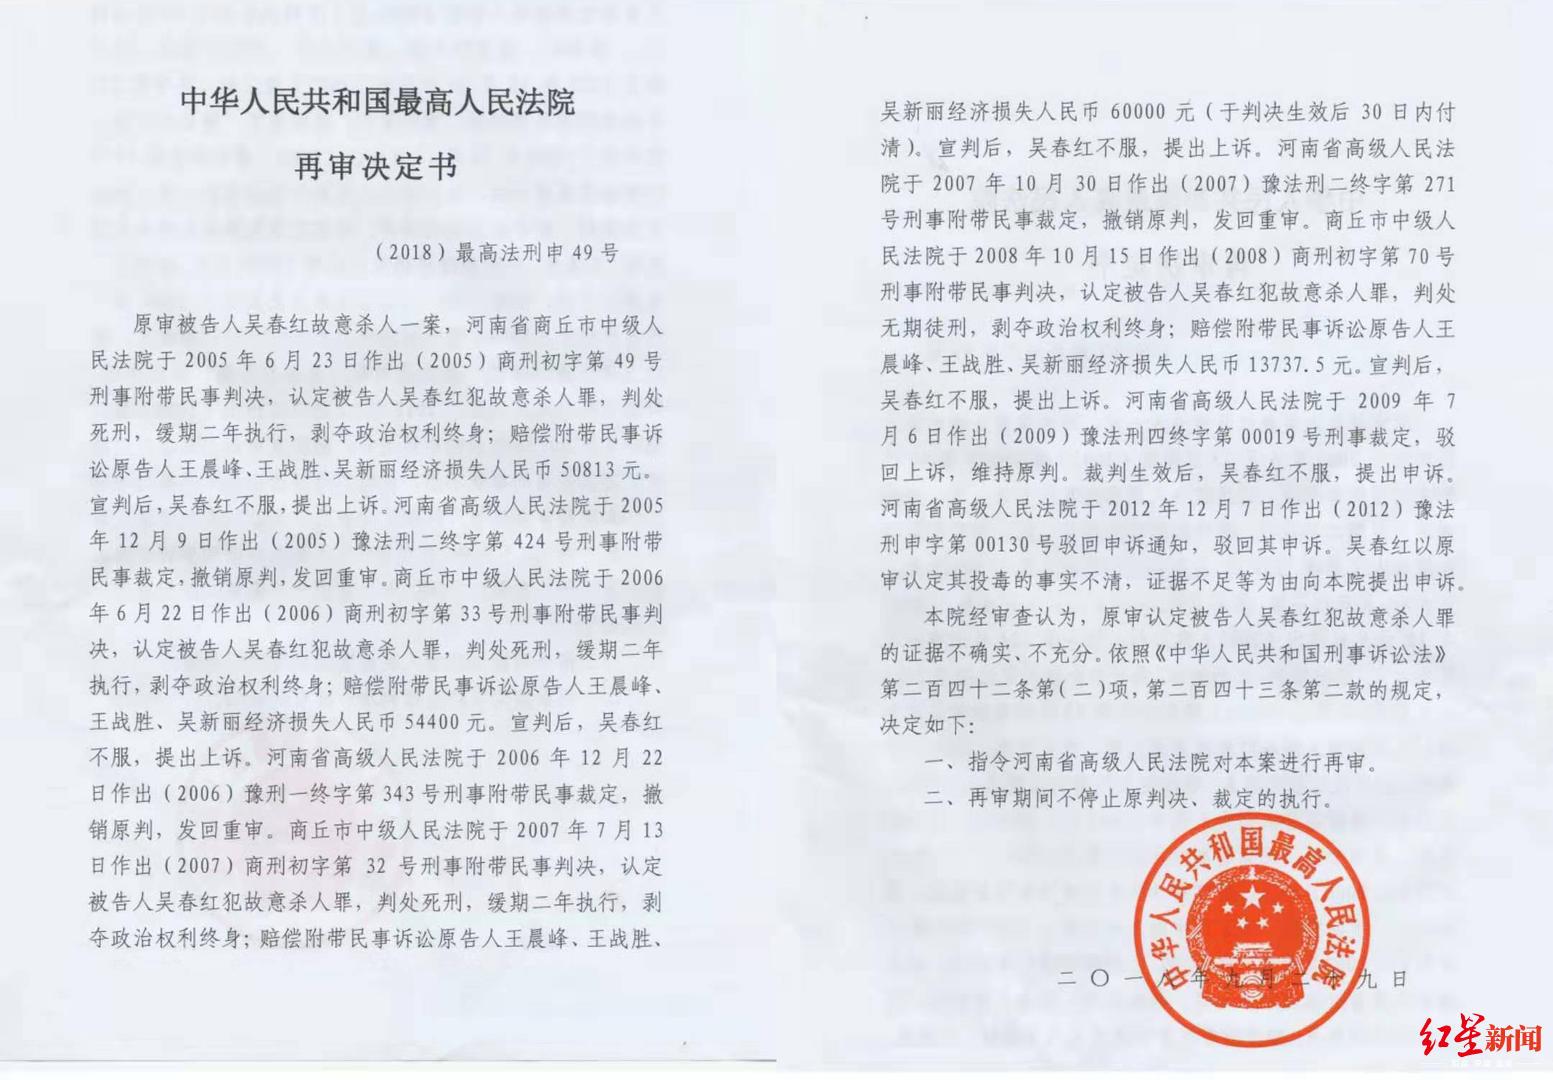 香港赌场1000筹码等多少钱-威名震慑天下的赵武灵王被儿子活活饿死,只因梦中见了一个女人